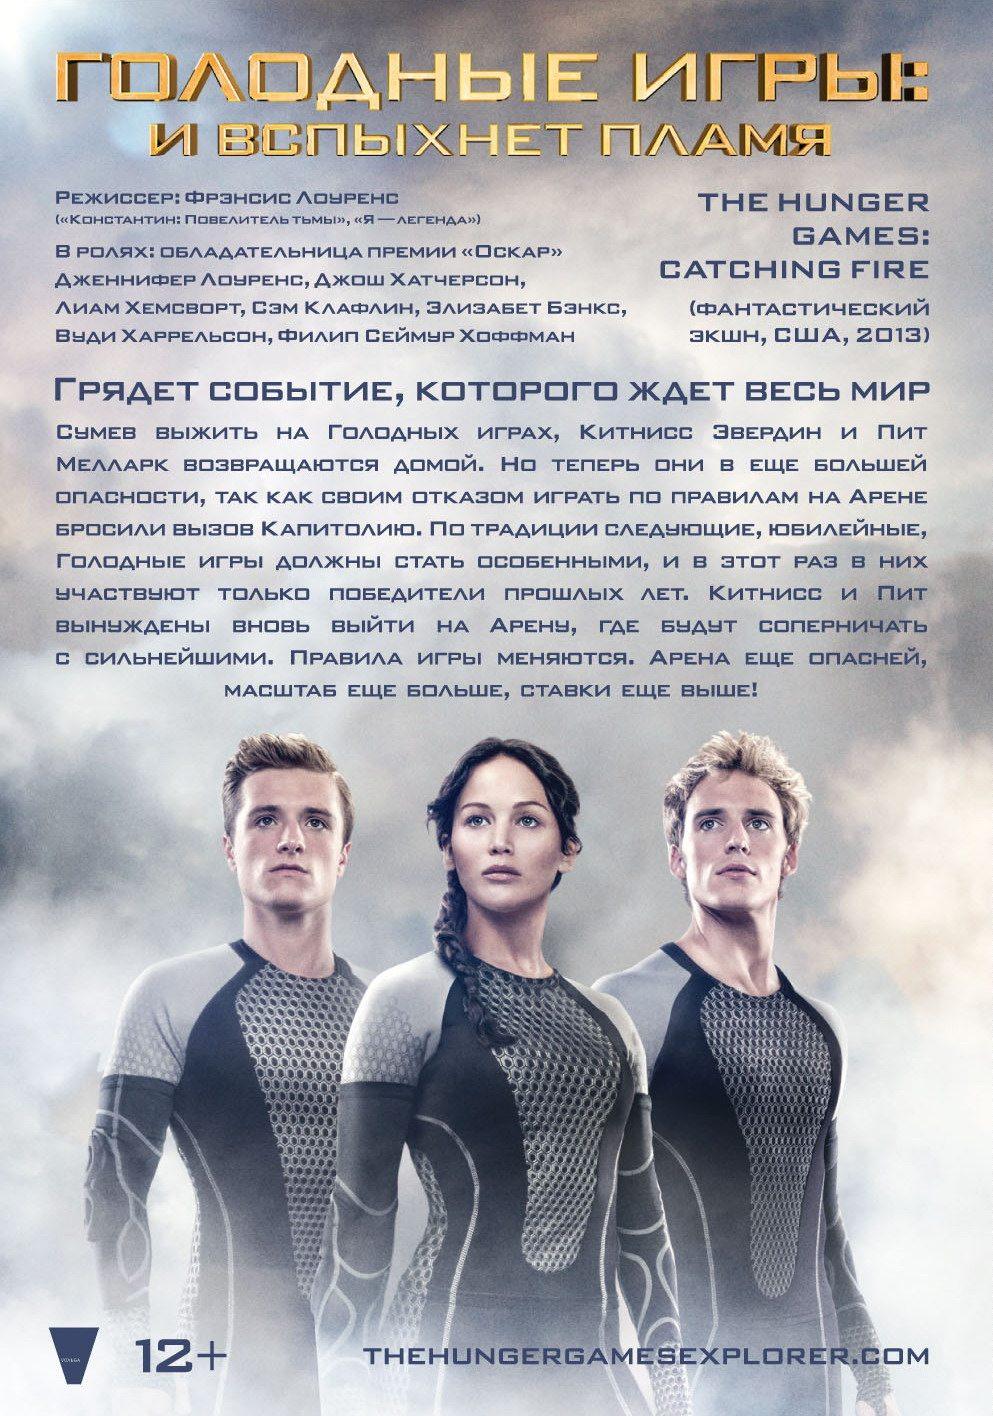 Постер фильмa a href=https://wwwkinopoiskru/film/602373/ target=blankголодные игры: и вспыхнет пламя (2013)